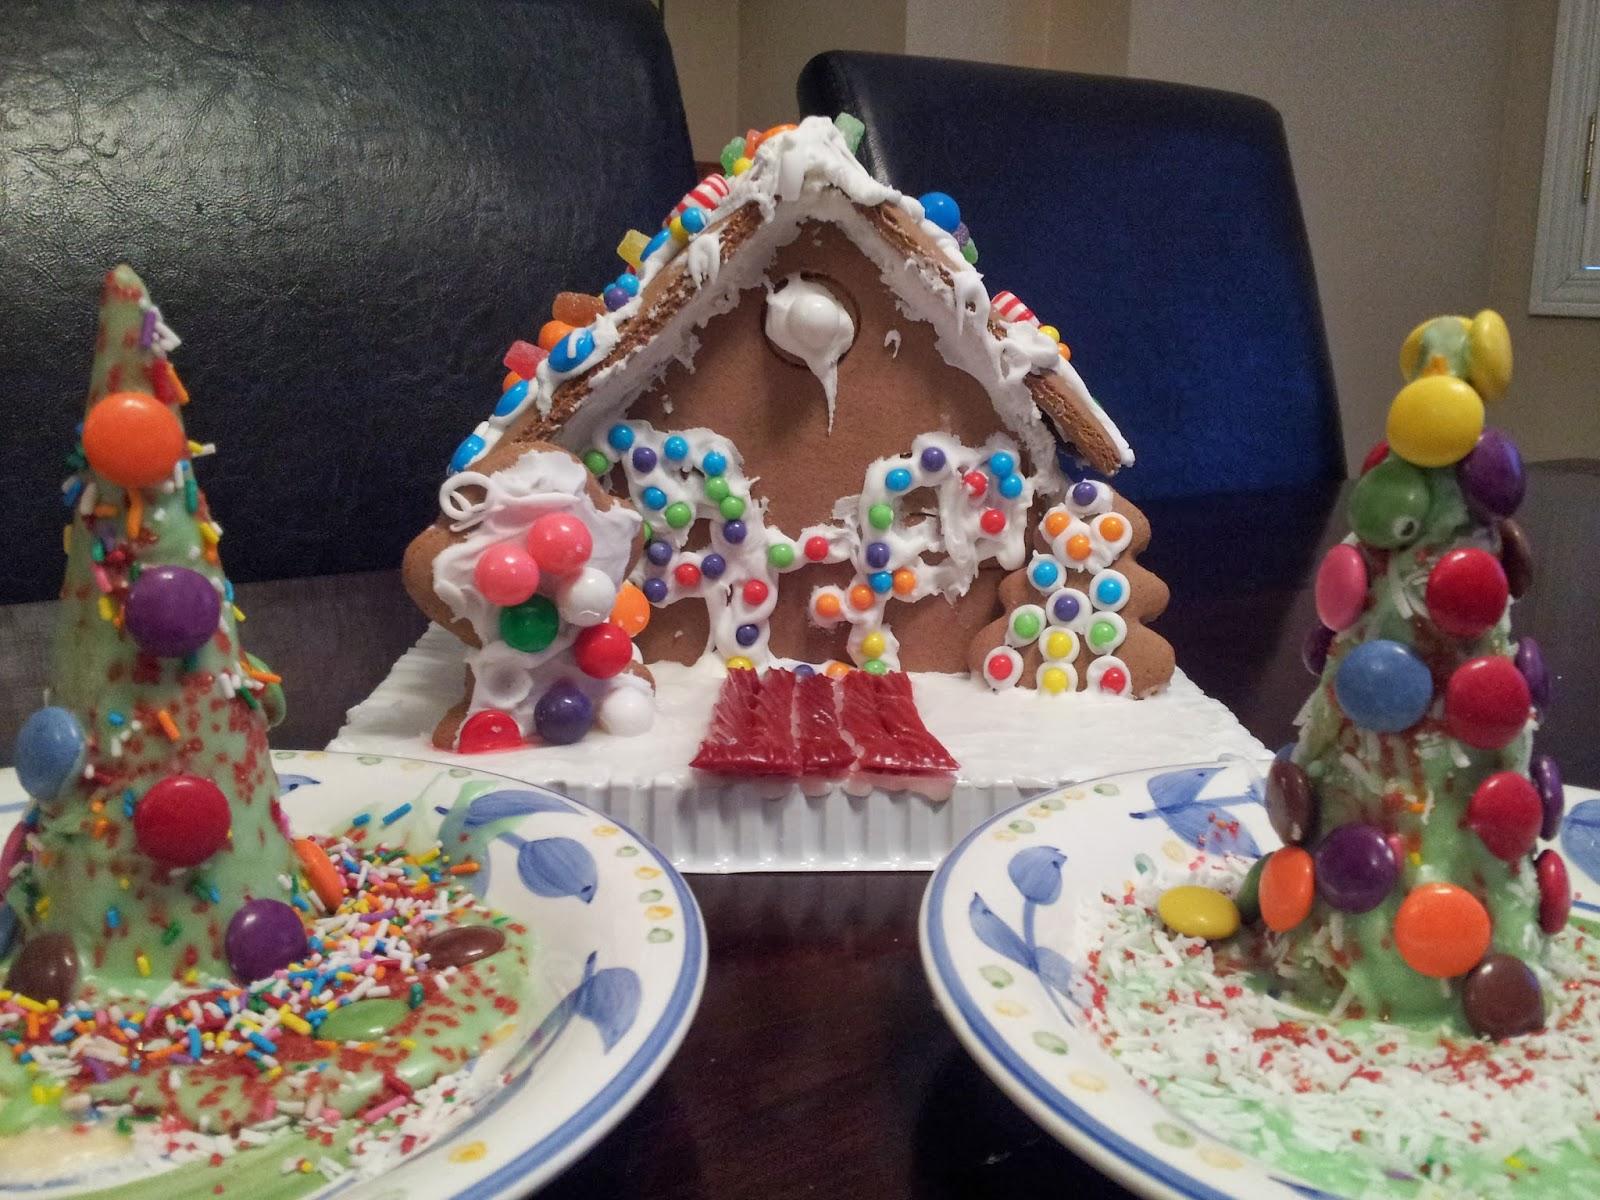 Christmas tree, Christmas baking, kids, Christmas, family, traditions